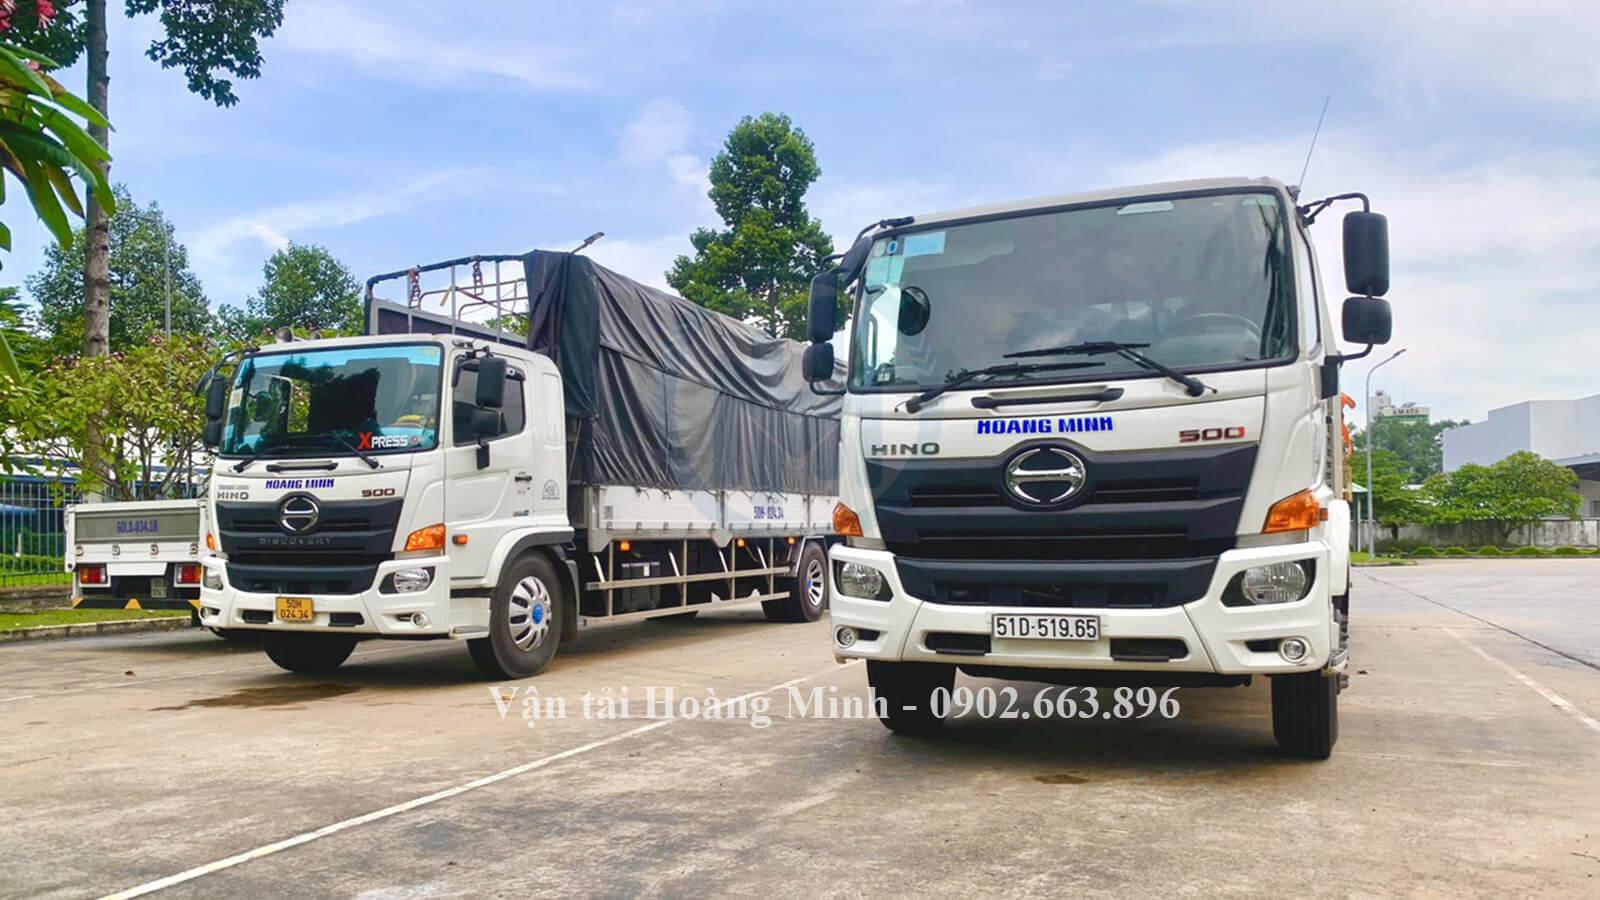 Dịch vụ xe tải vận chuyển hàng đi các tỉnh trên toàn quốc